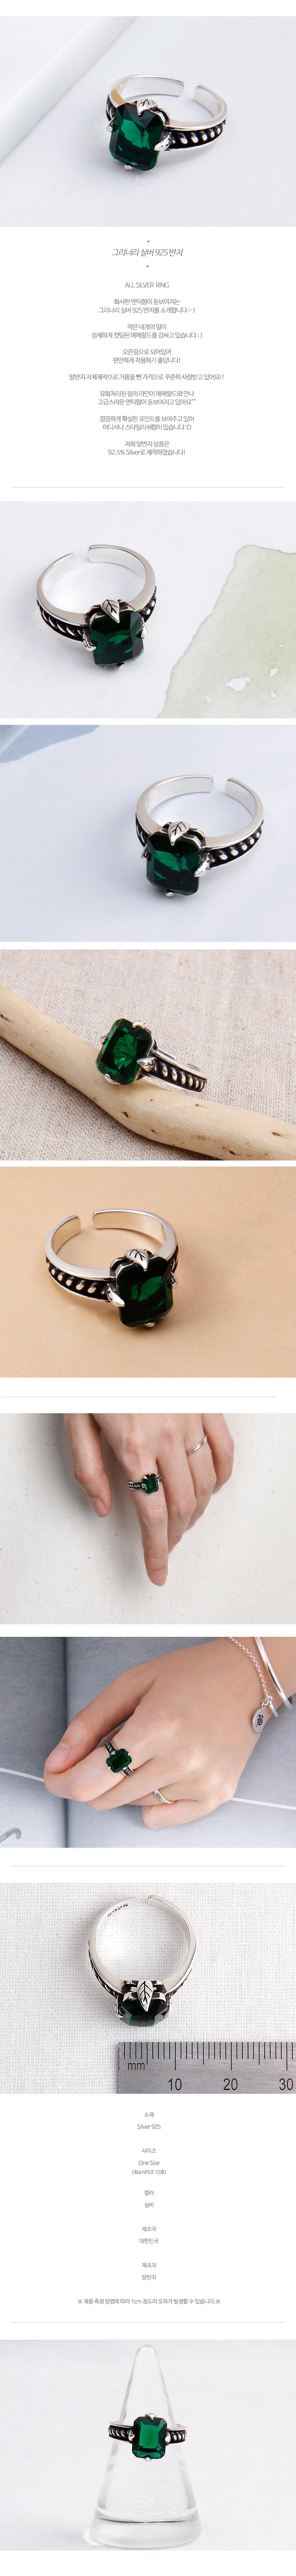 그리너리 실버 925 반지 - 알반지, 41,000원, 골드, 진주/원석반지